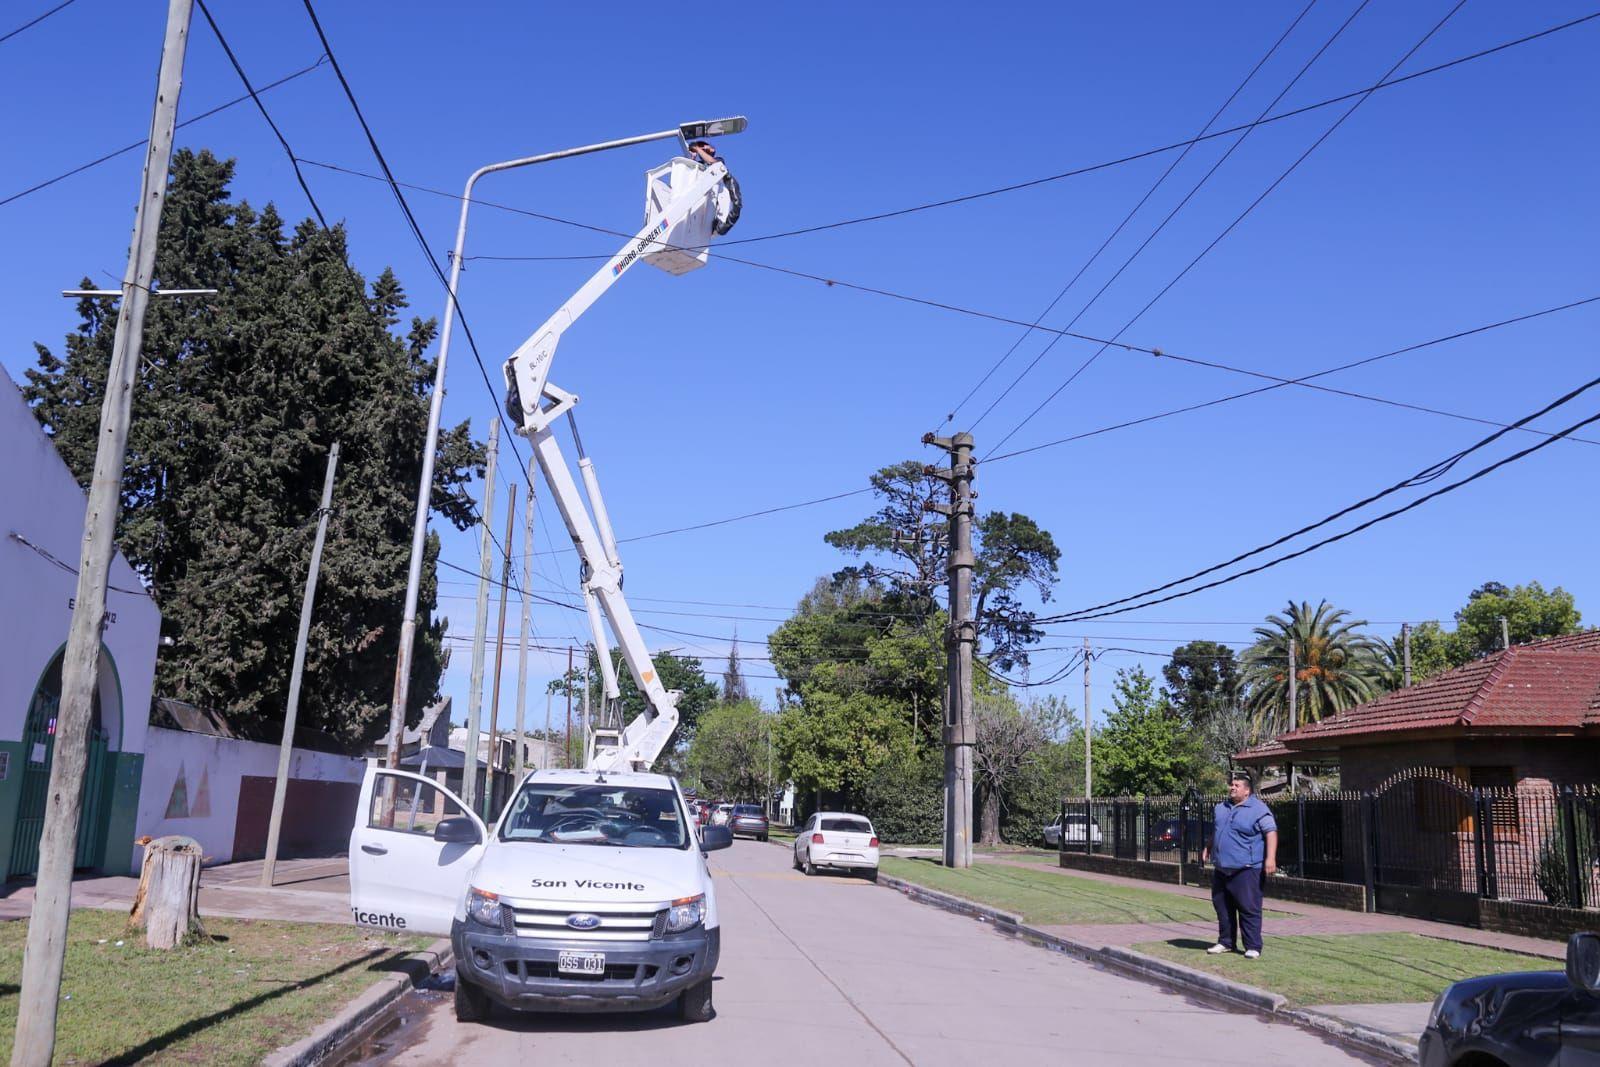 instalaron nuevas luminarias en cercanias a escuelas de san vicente y alejandro korn